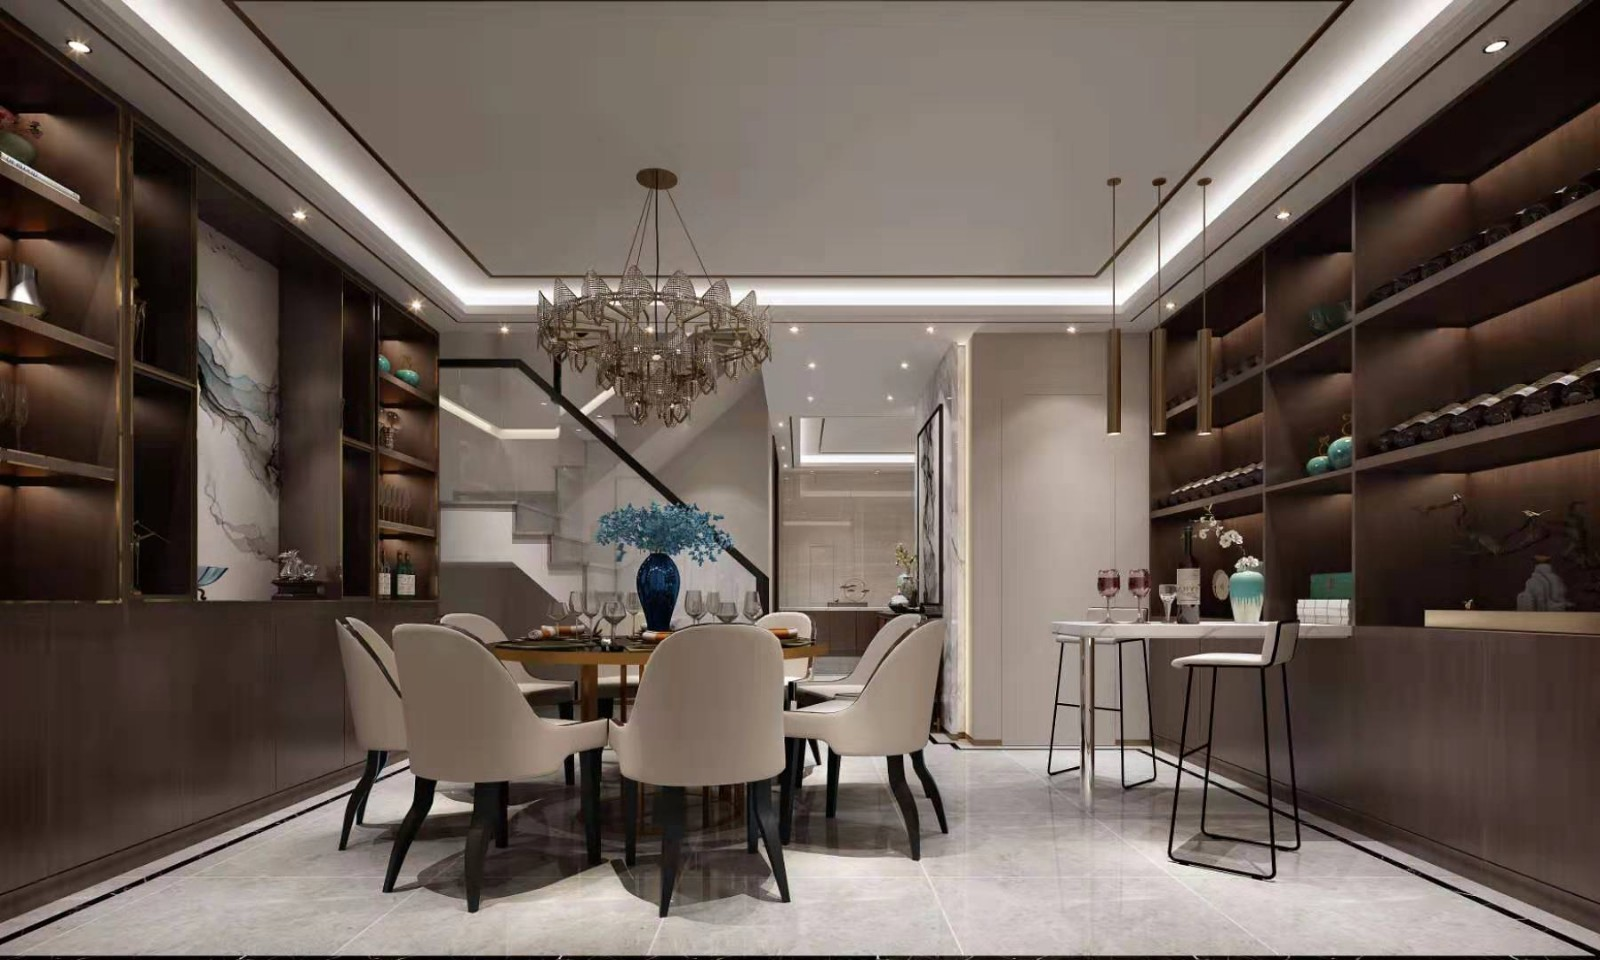 2020新中式餐廳效果圖 2020新中式酒窖裝飾設計